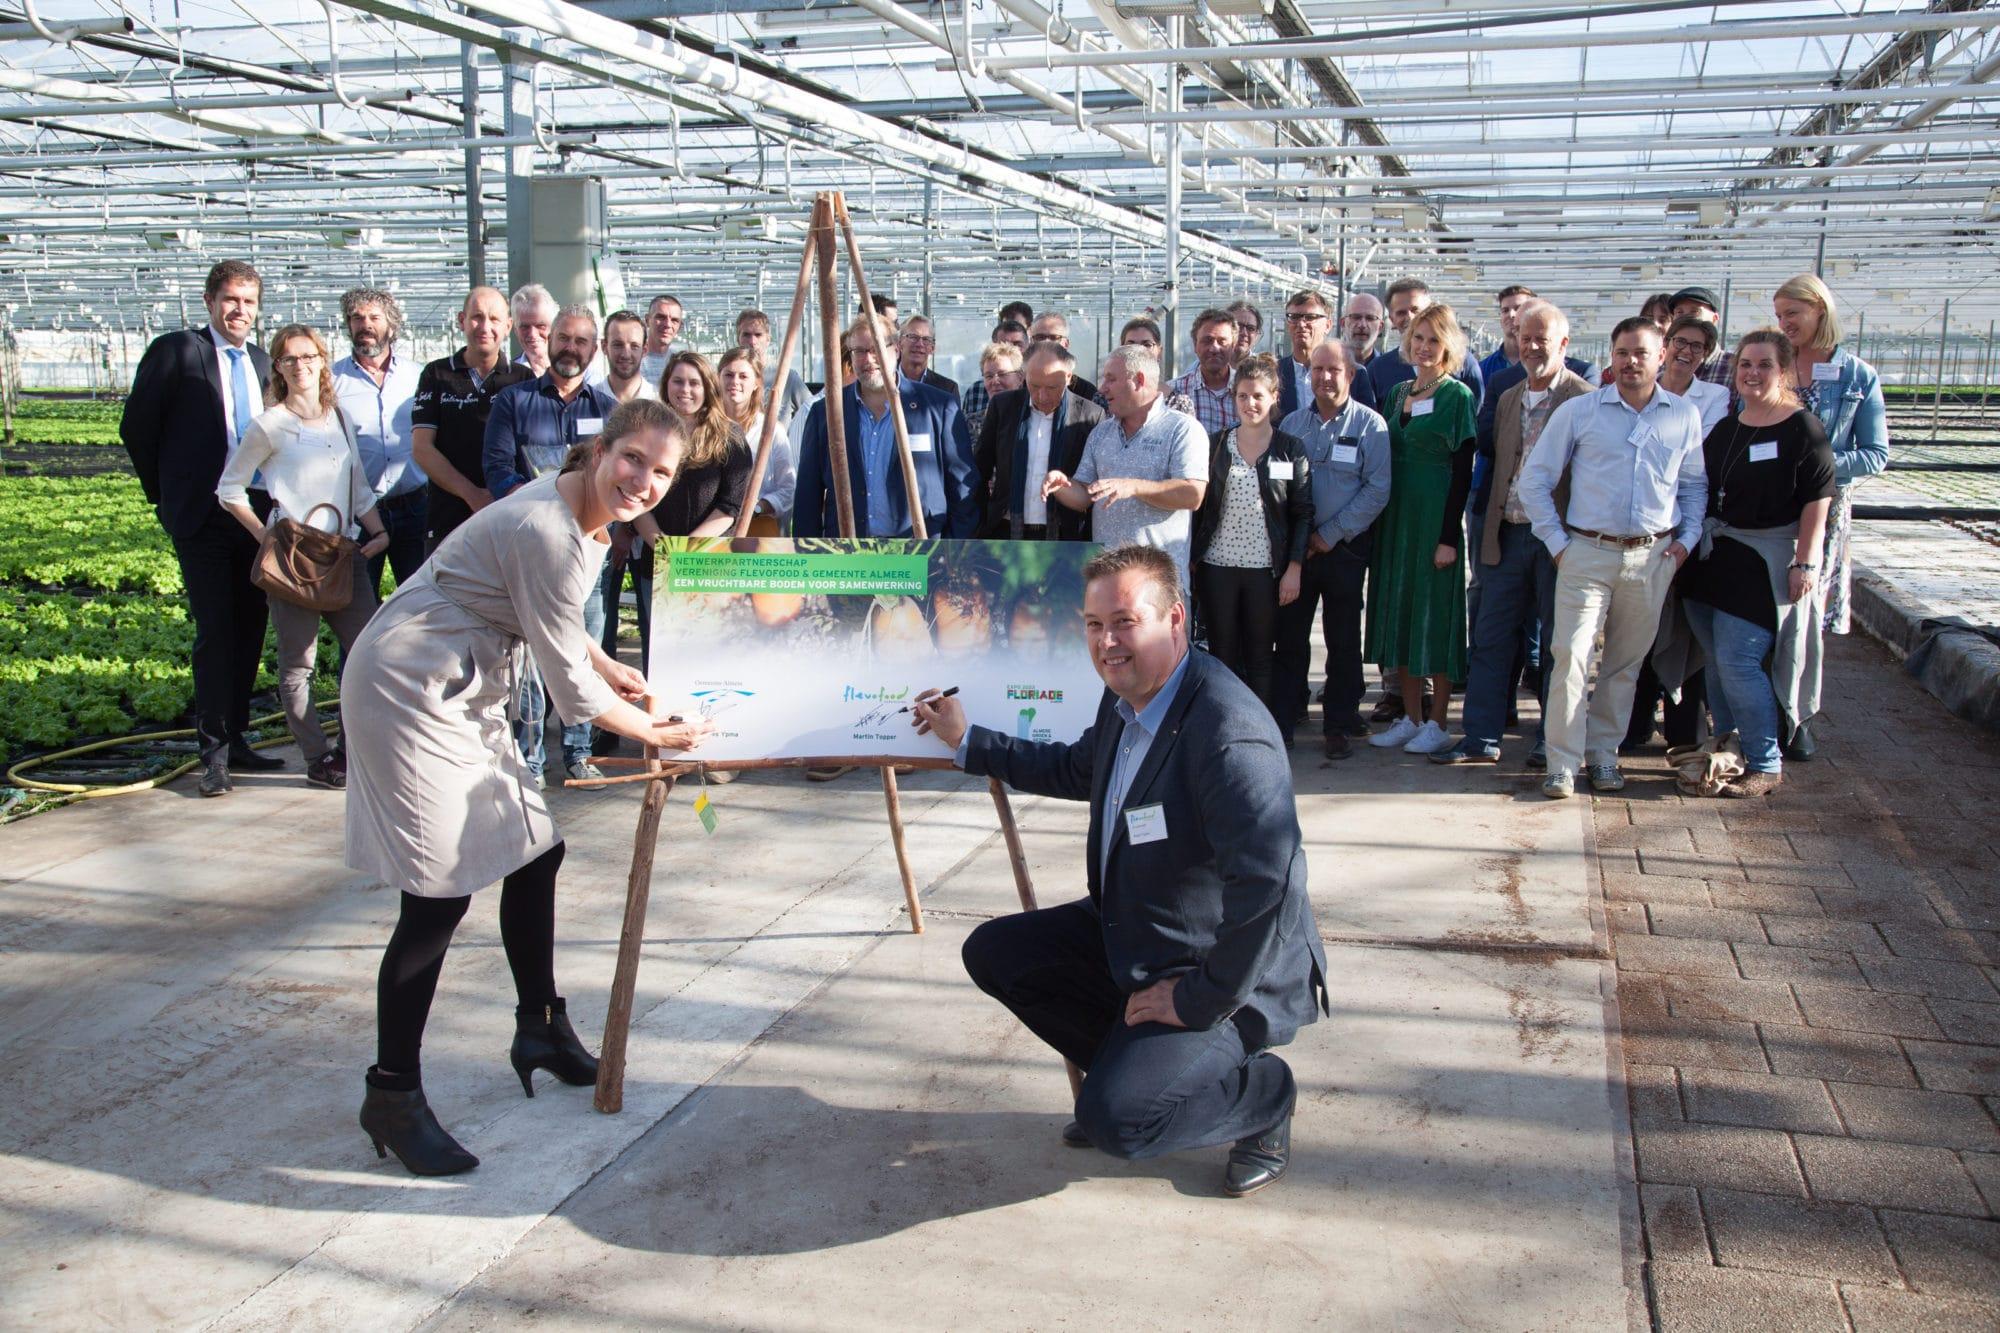 Gemeente Almere nieuwste netwerkpartner van Vereniging Flevofood